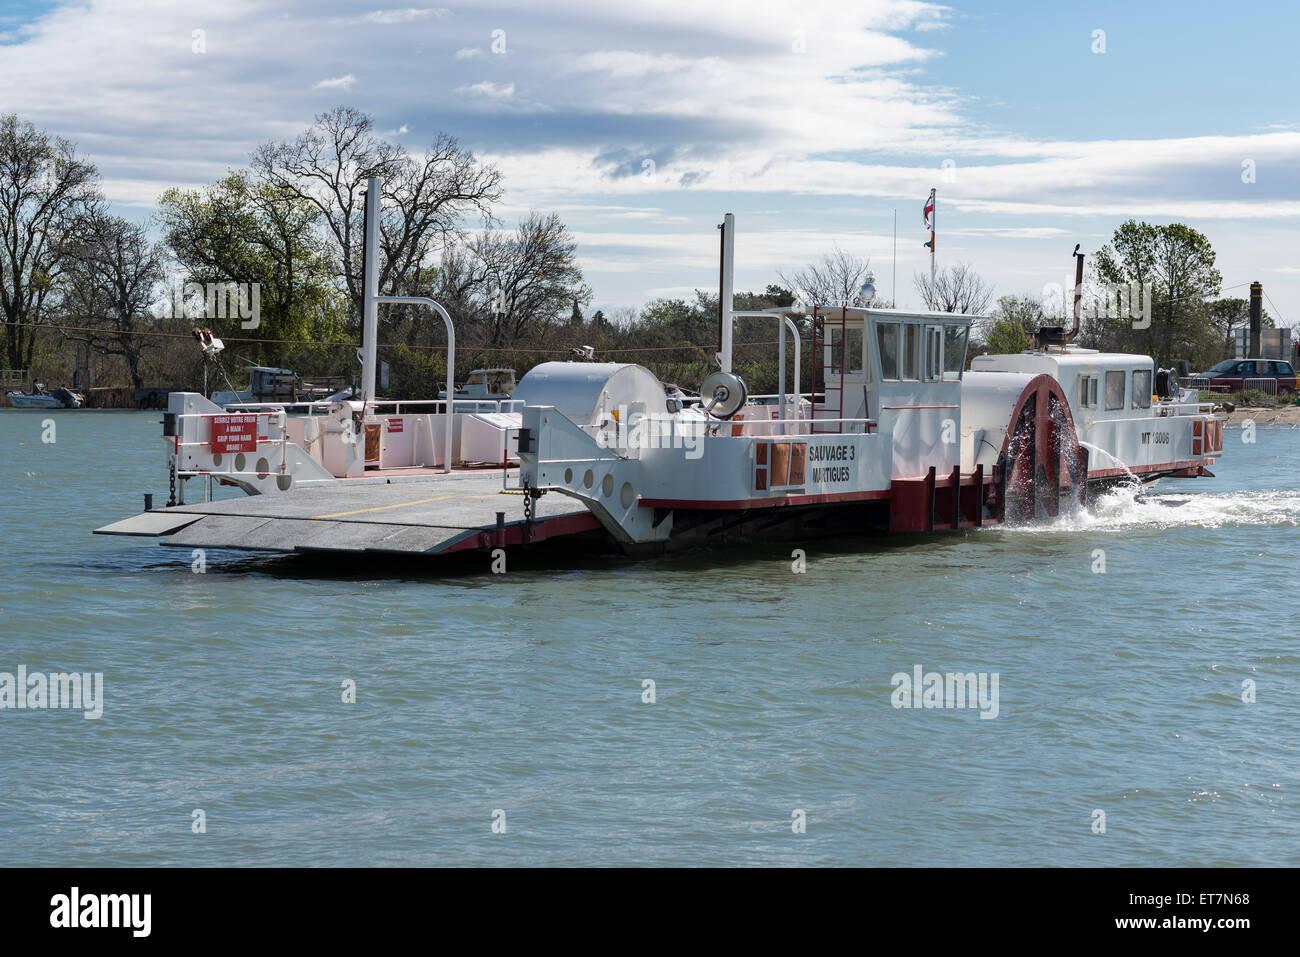 Ferry on the small Rhone, Camargue, Saintes-Maries-de-la-Mer, Provence-Alpes-Côte d'Azur, France - Stock Image